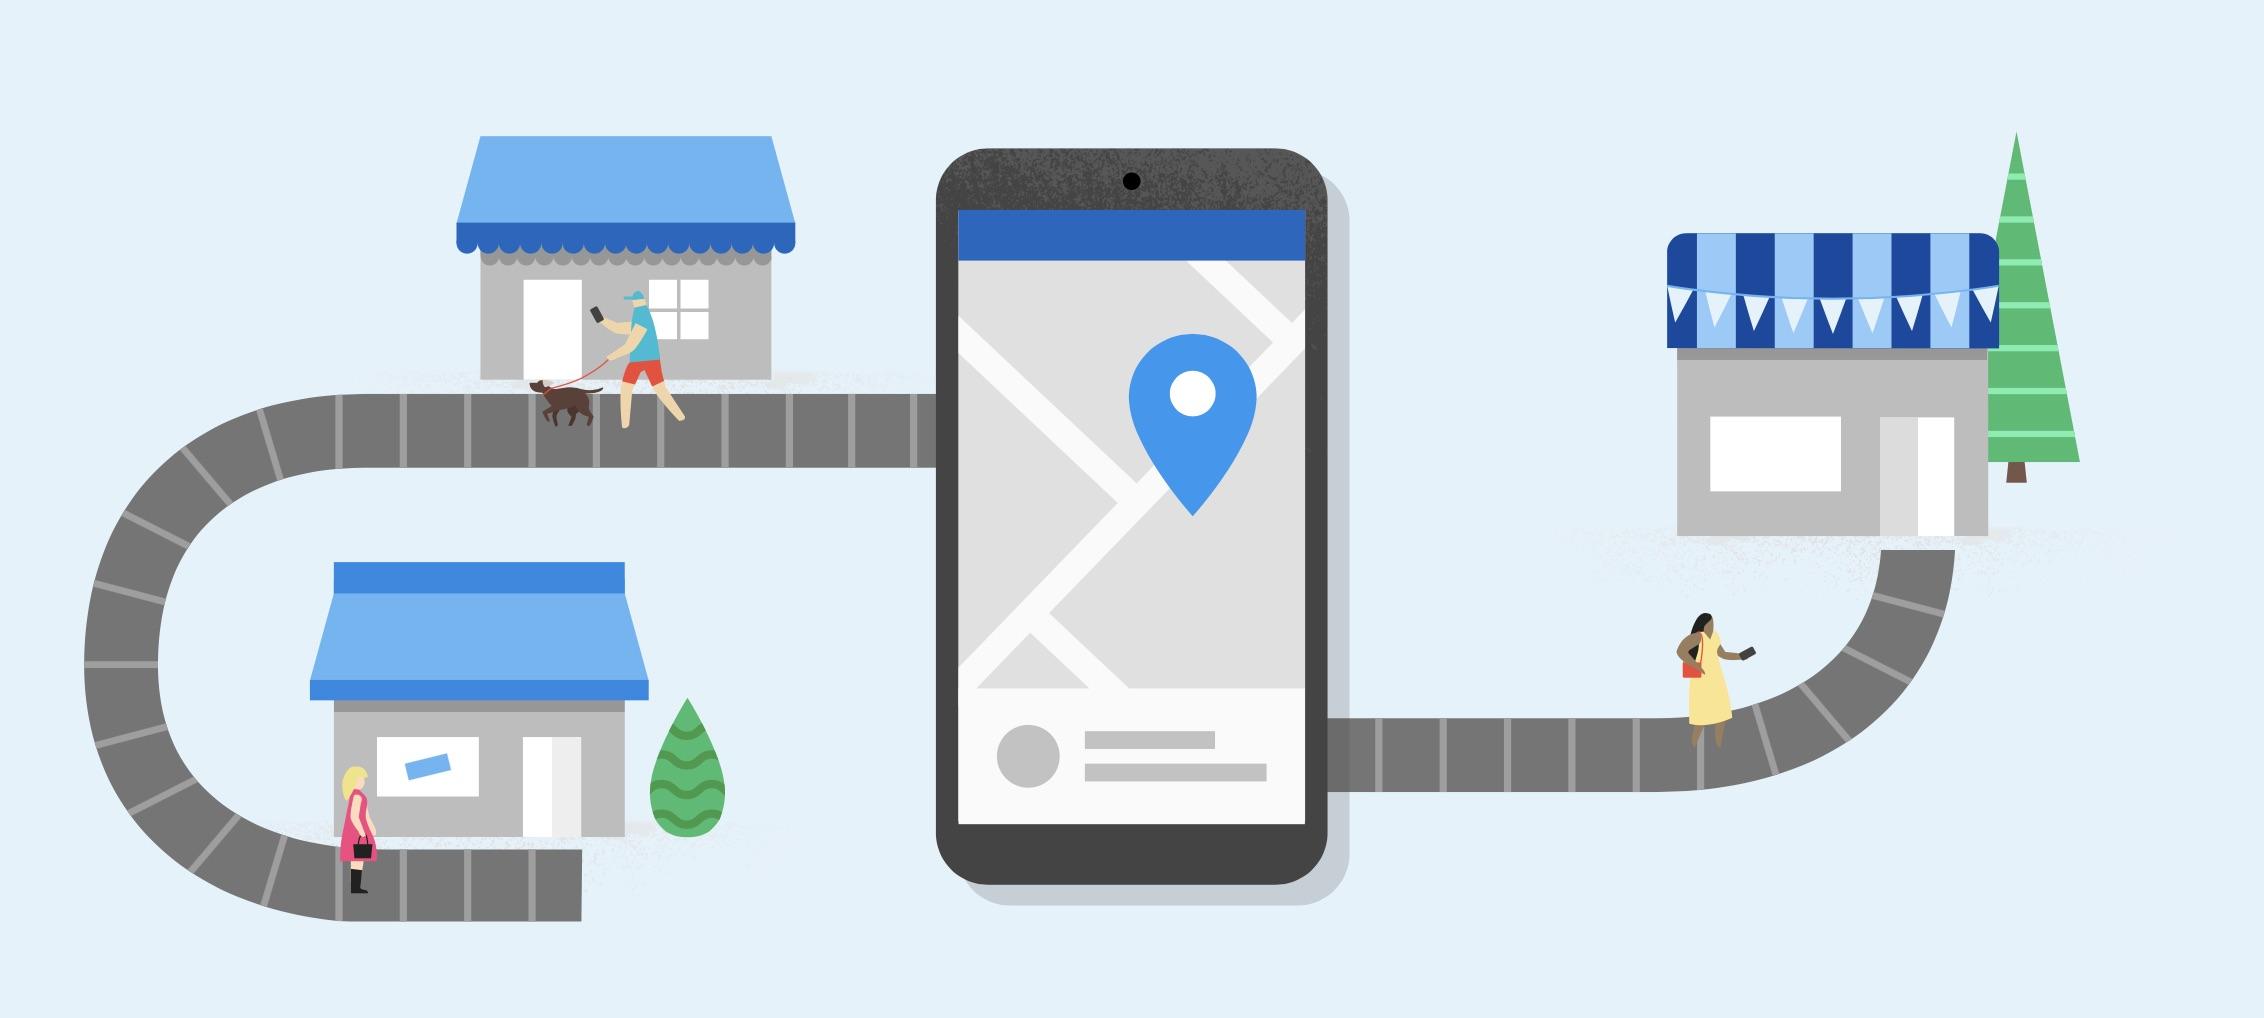 Google Žemėlapiai: Kaip Plėtoti Verslą Rinkodaros Atžvilgiu